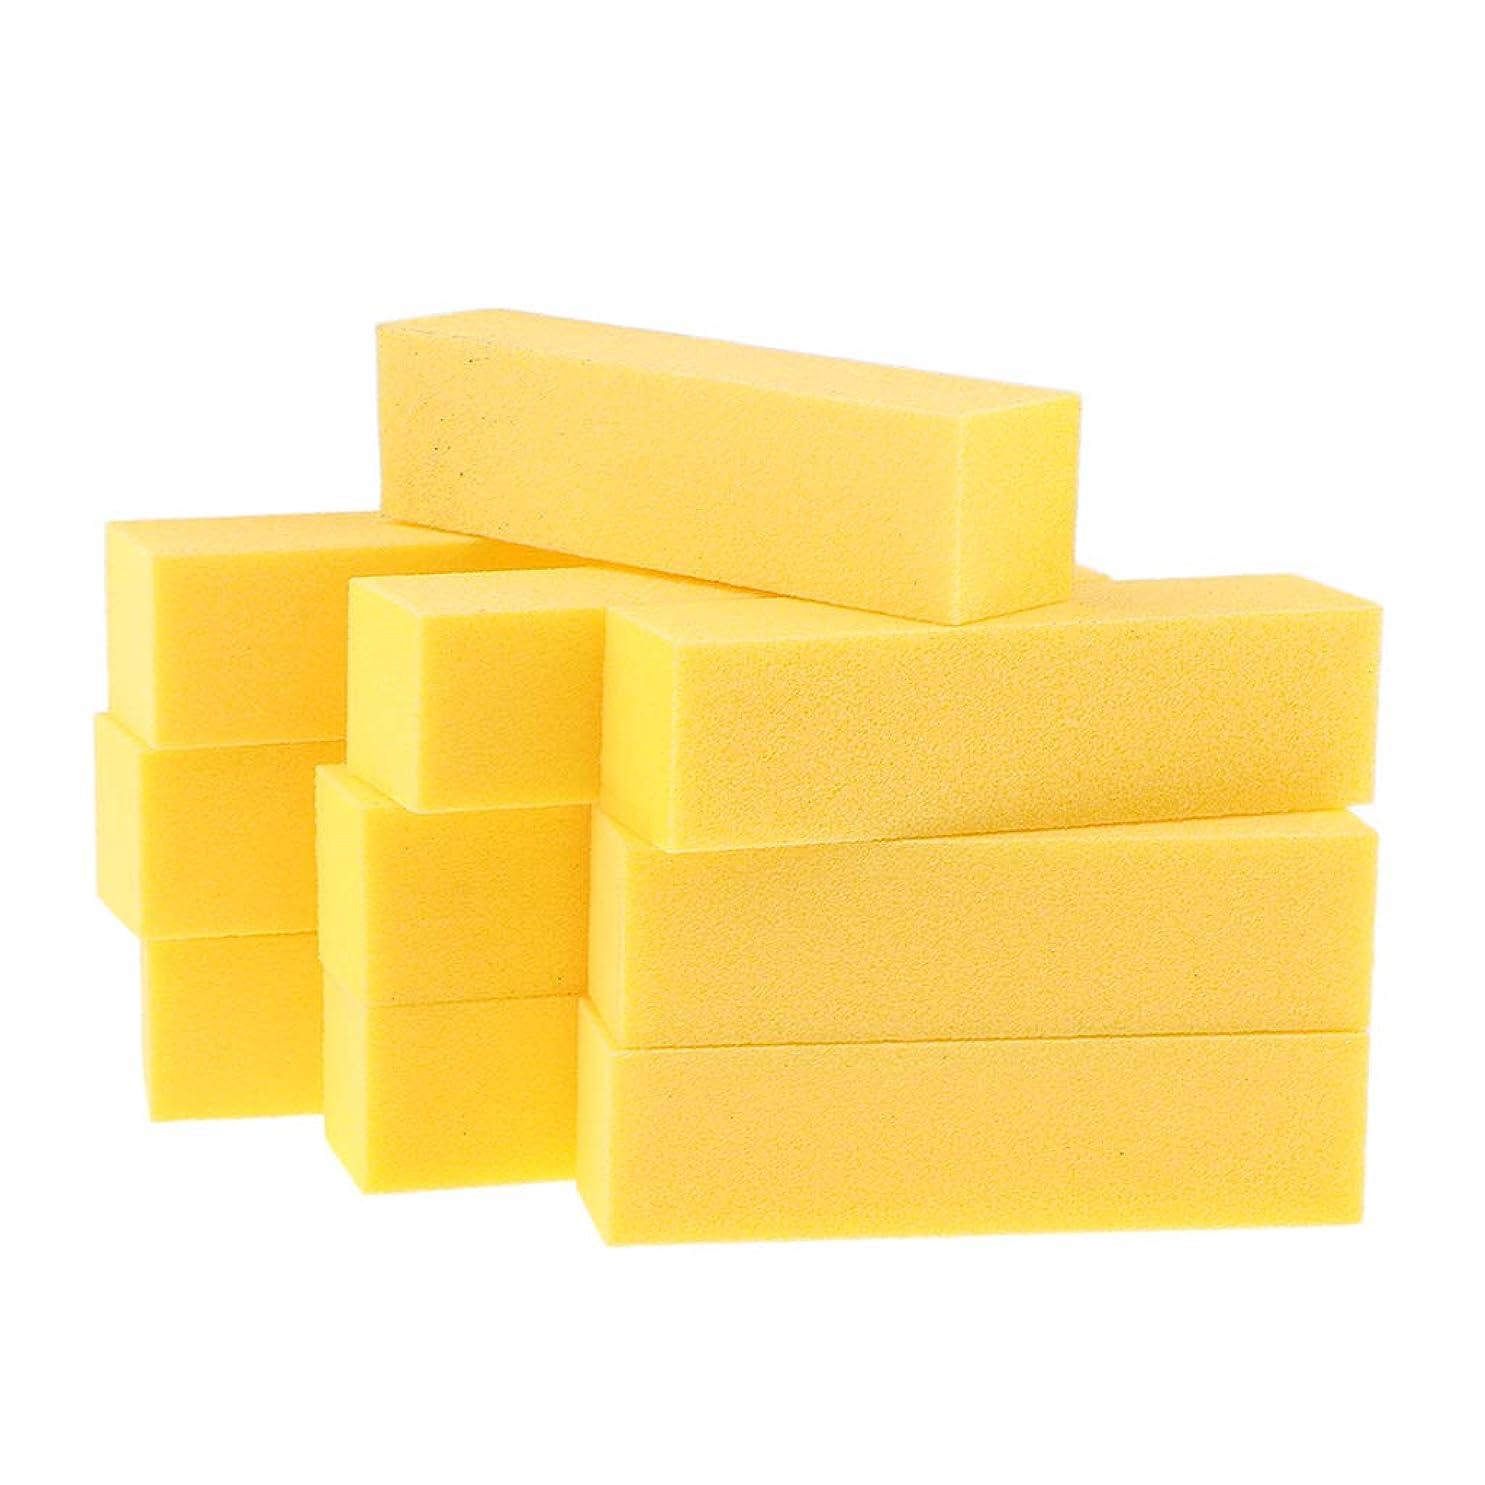 立ち向かう出会いイデオロギーB Blesiya 10個 ネイルアートファイル バッファーファイルブロック 6色選べ - 黄